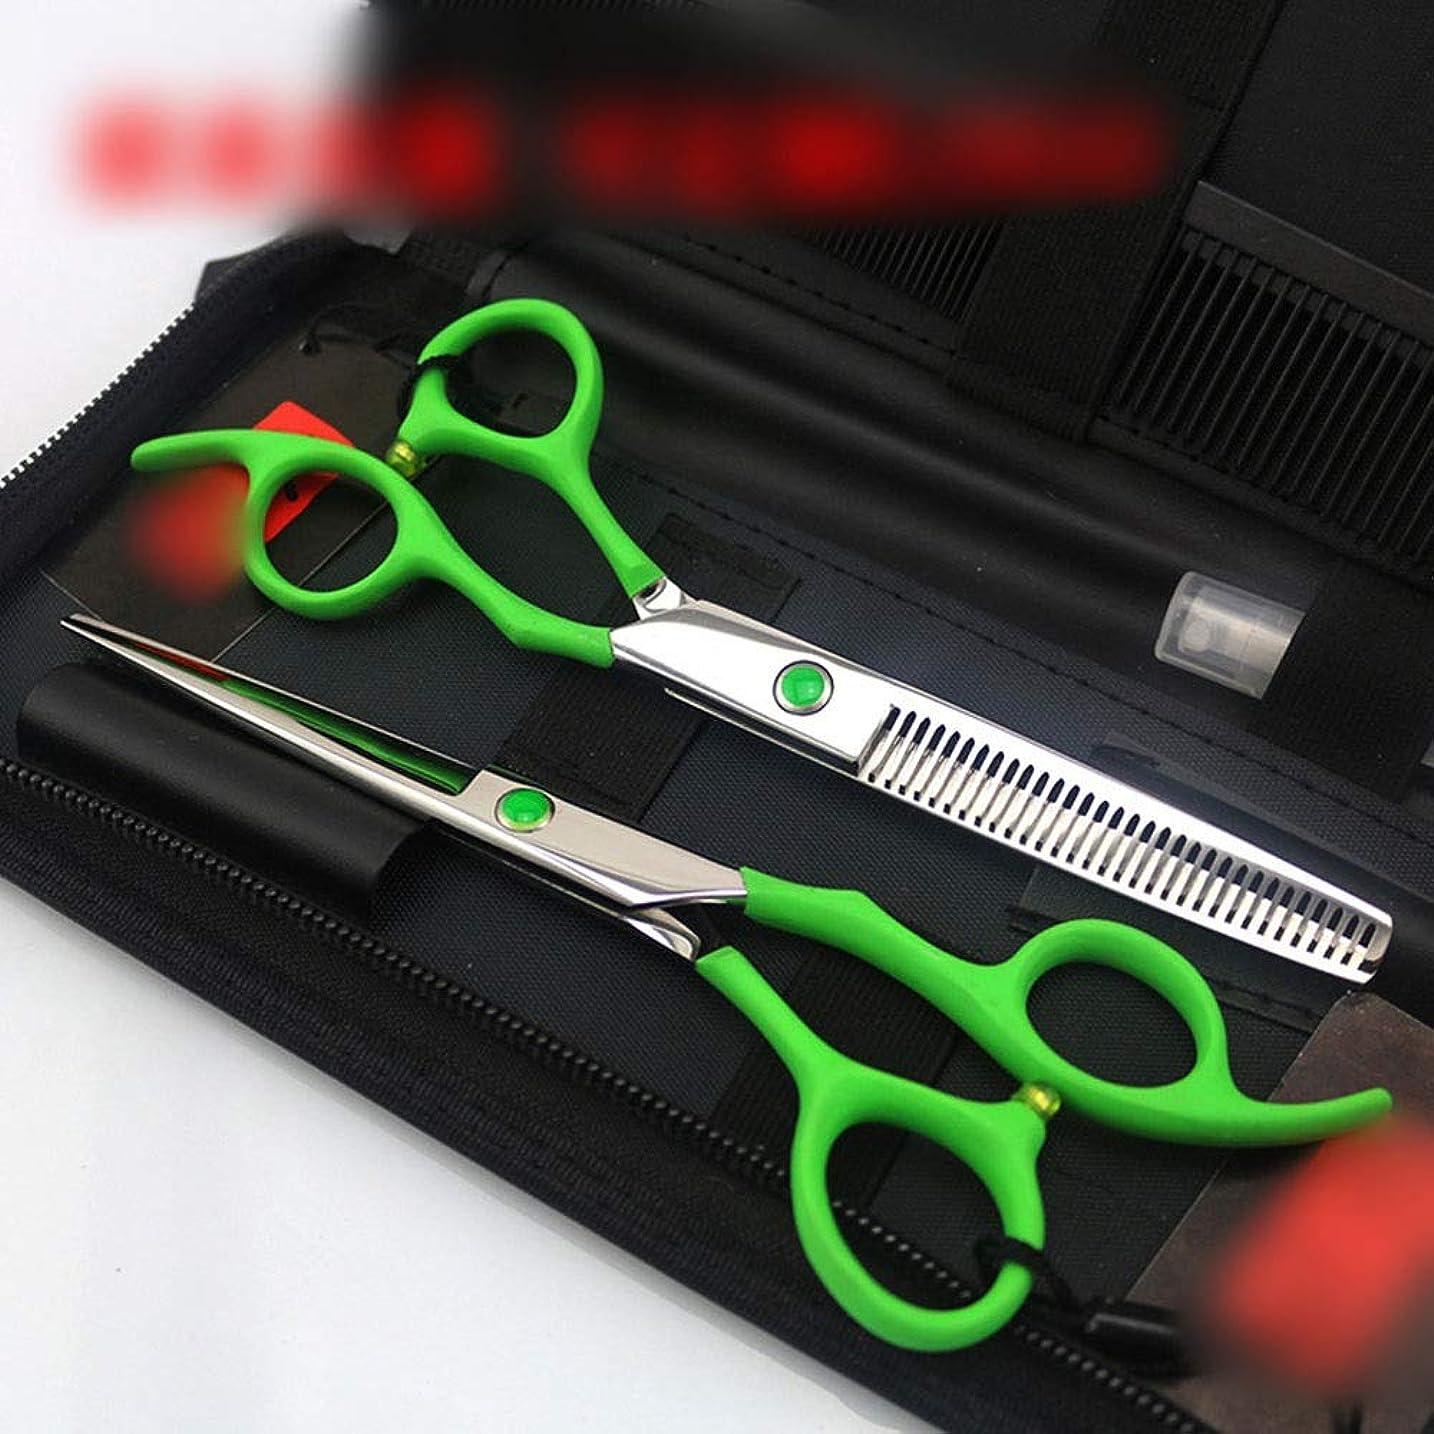 二層決して愛情深いGoodsok-jp 6.0インチの緑の専門の理髪はさみセット、平らな歯のはさみ理髪ツールセット (色 : オレンジ)